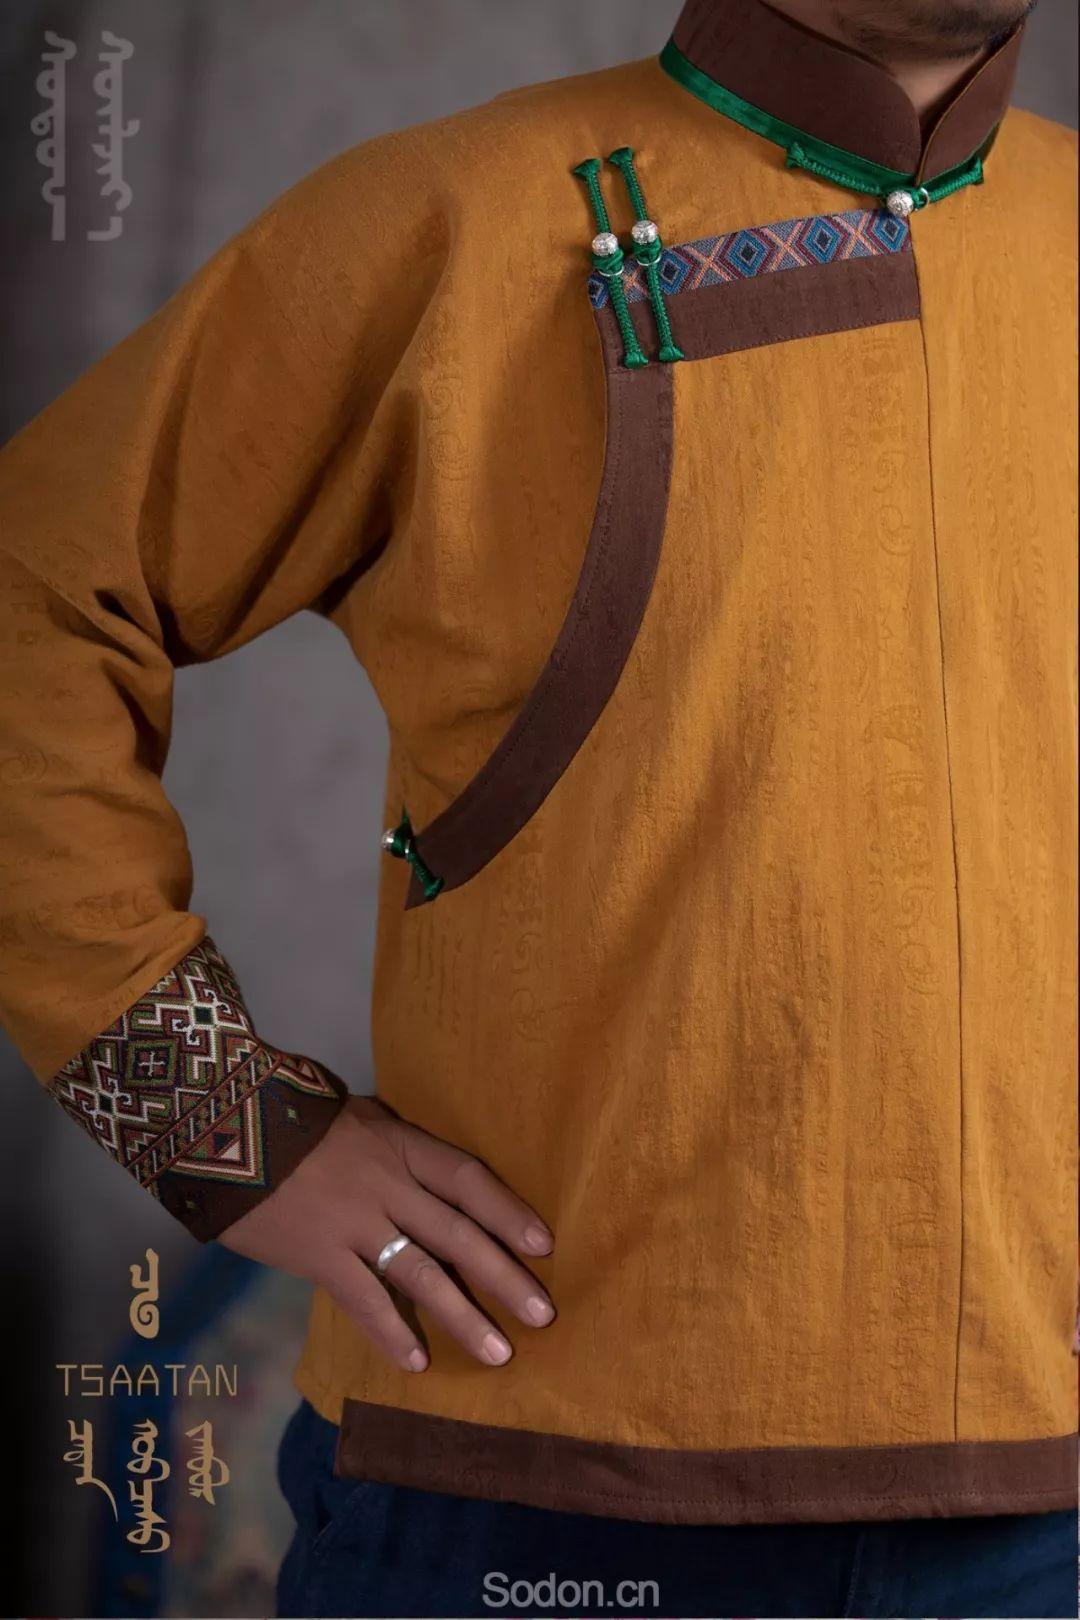 TSAATAN蒙古时装 2019新款,来自驯鹿人的独特魅力! 第47张 TSAATAN蒙古时装 2019新款,来自驯鹿人的独特魅力! 蒙古服饰